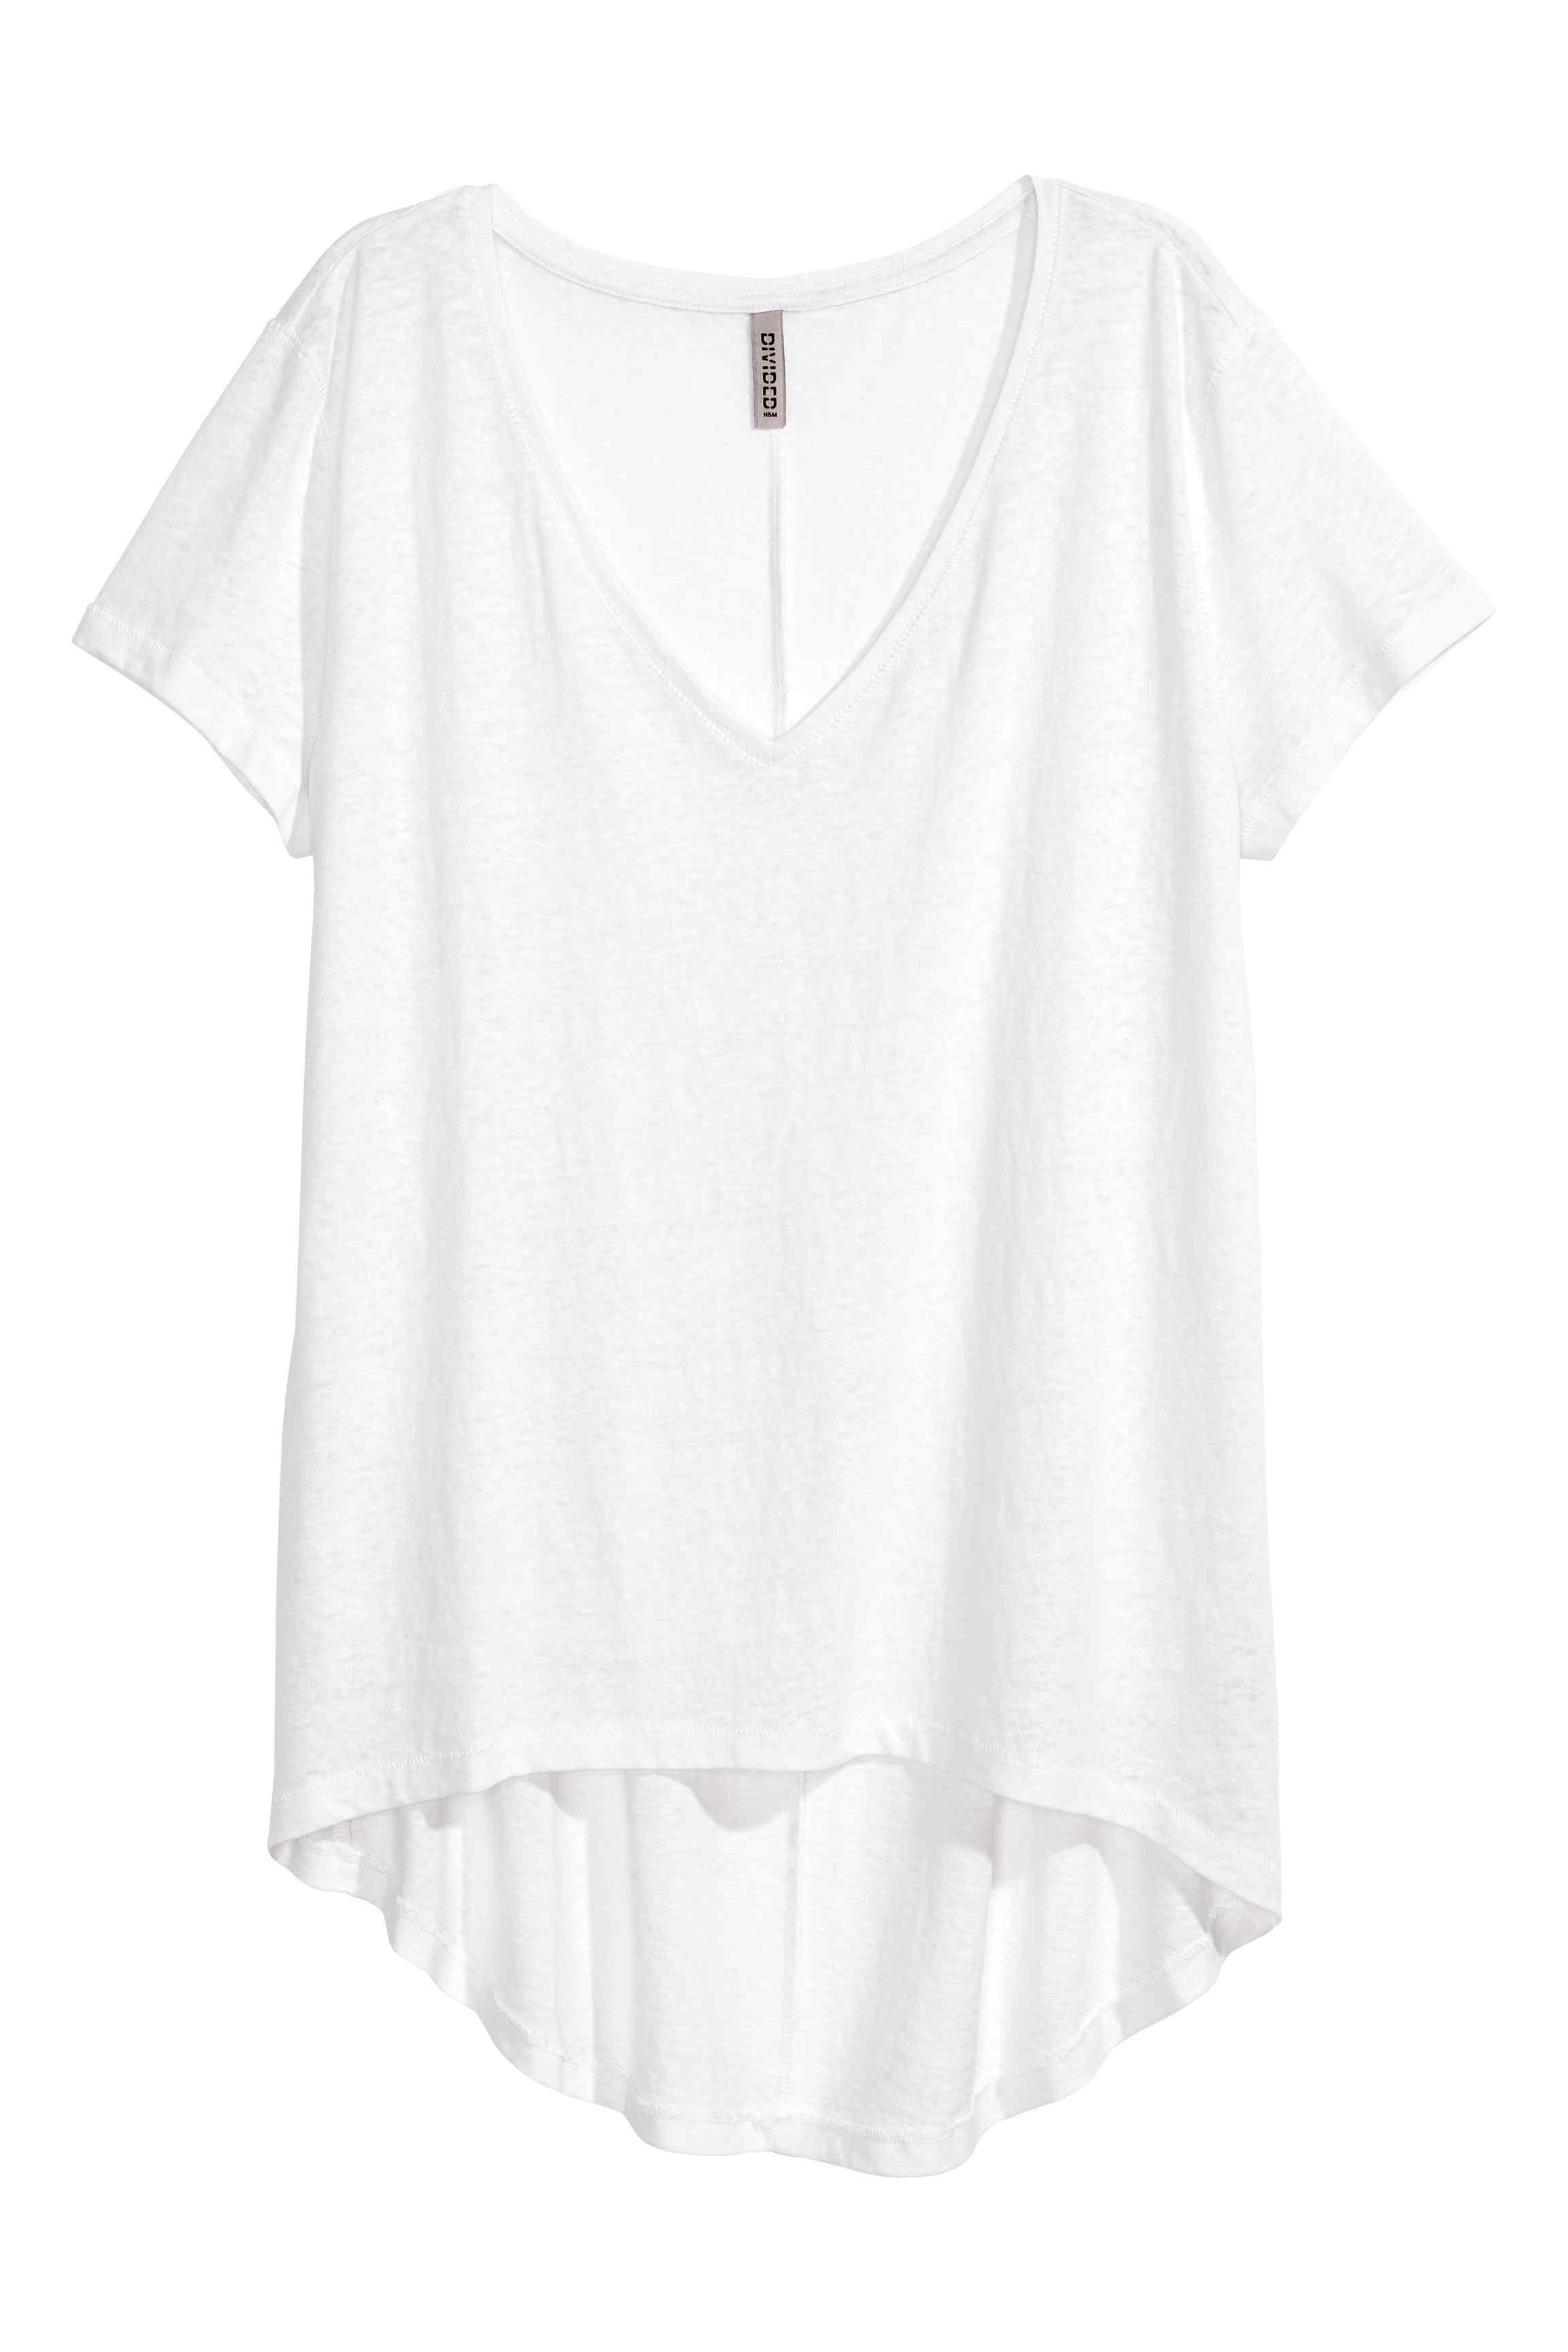 ¿Cuál es la mejor camiseta blanca? - Camisetas blancas, Mejores camisetas y Camisetas